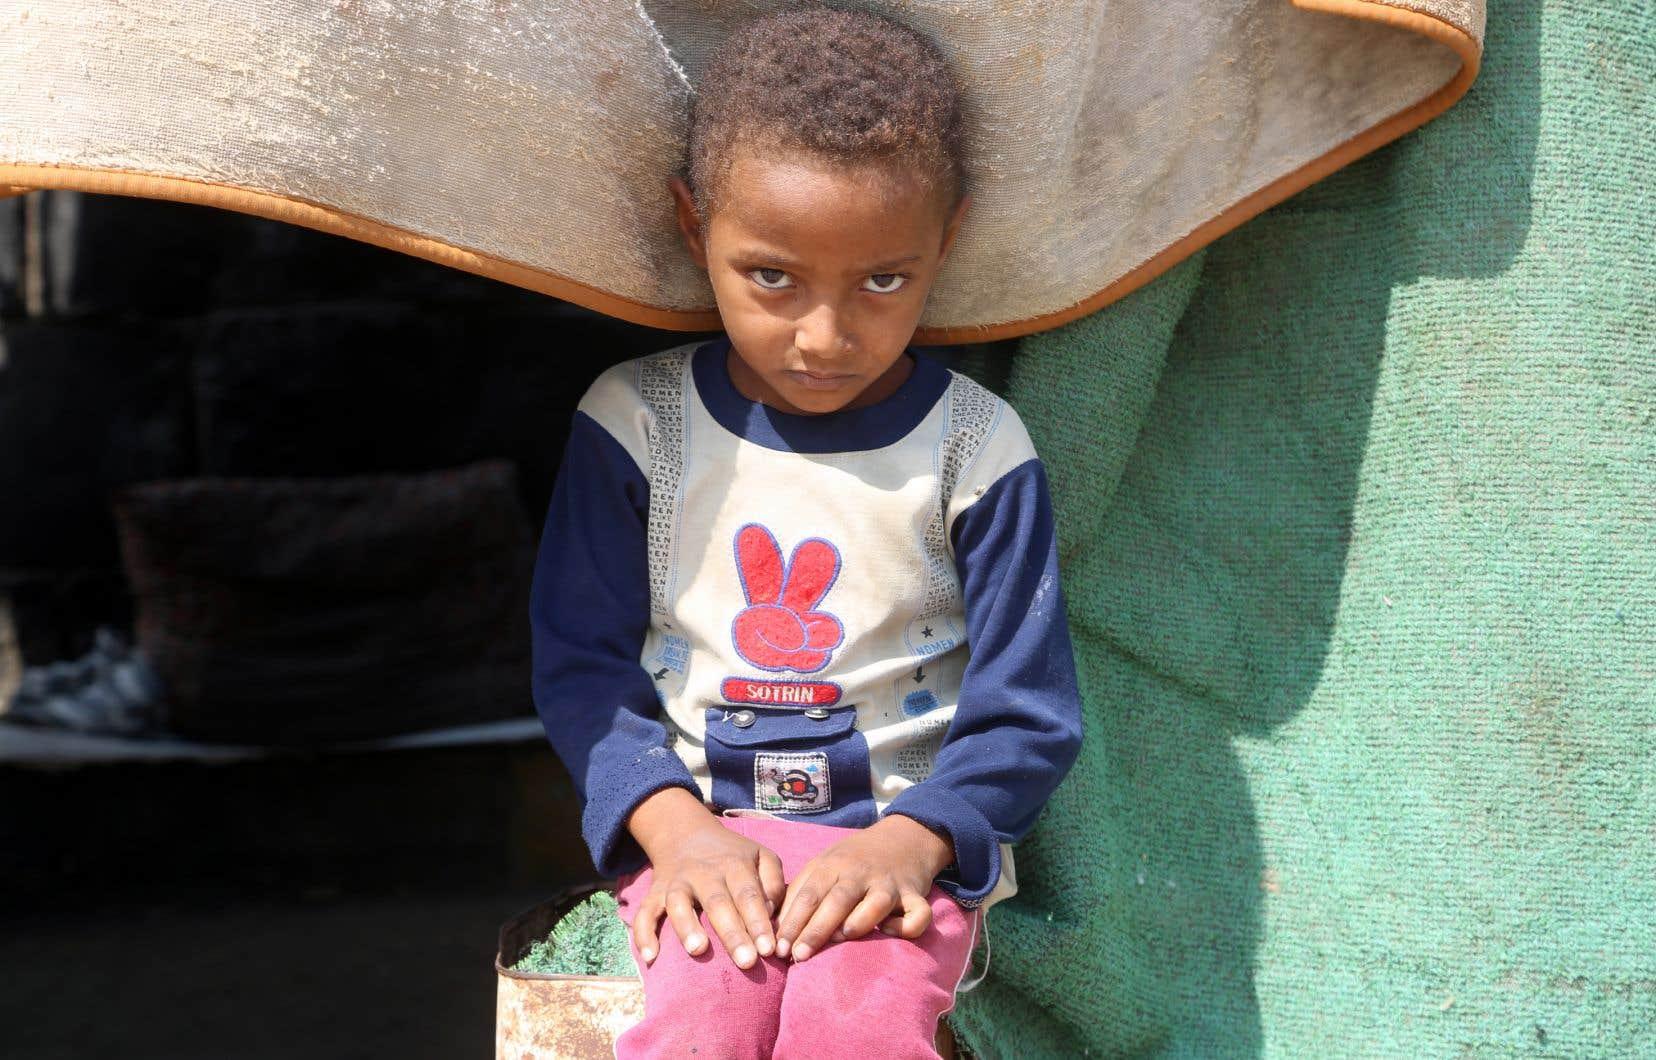 120 cas de diphtérie ont notamment été diagnostiqués, occasionnant «14 décès — principalement des enfants au cours des dernières semaines».